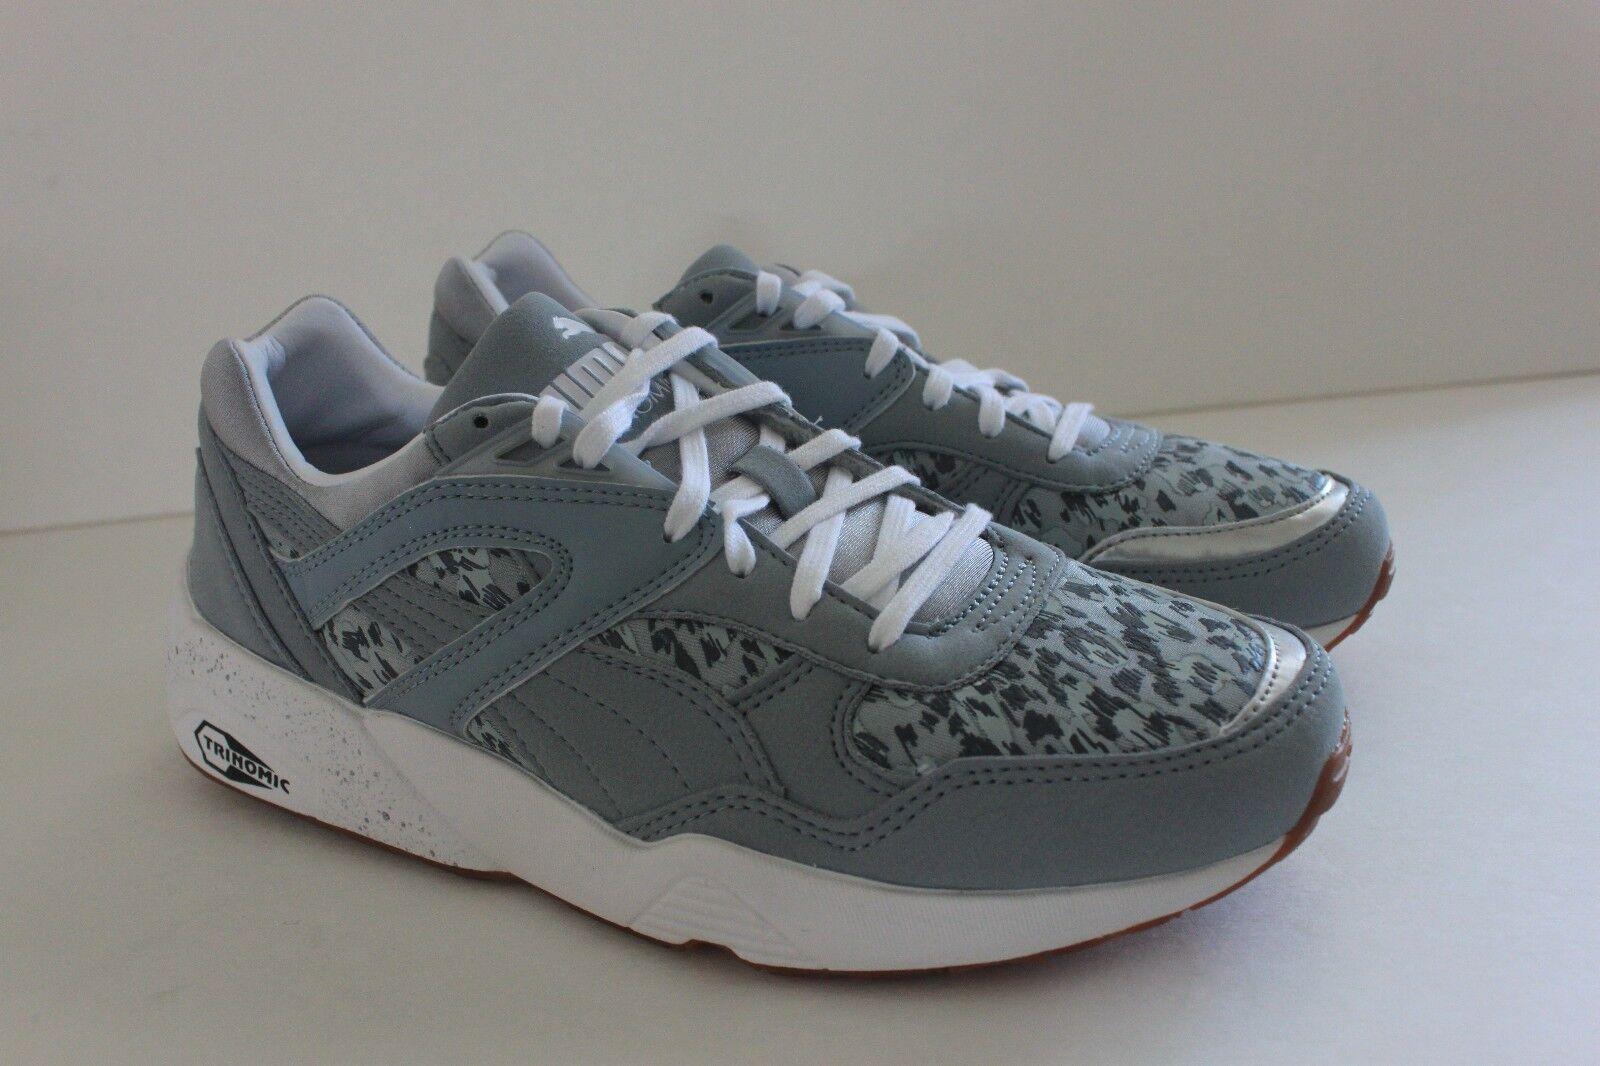 Mujer Puma Trinomic R698 NC gris Retro Casual Zapatillas Zapatos Zapatos Zapatos Impreso Talla 7 M  ventas en línea de venta